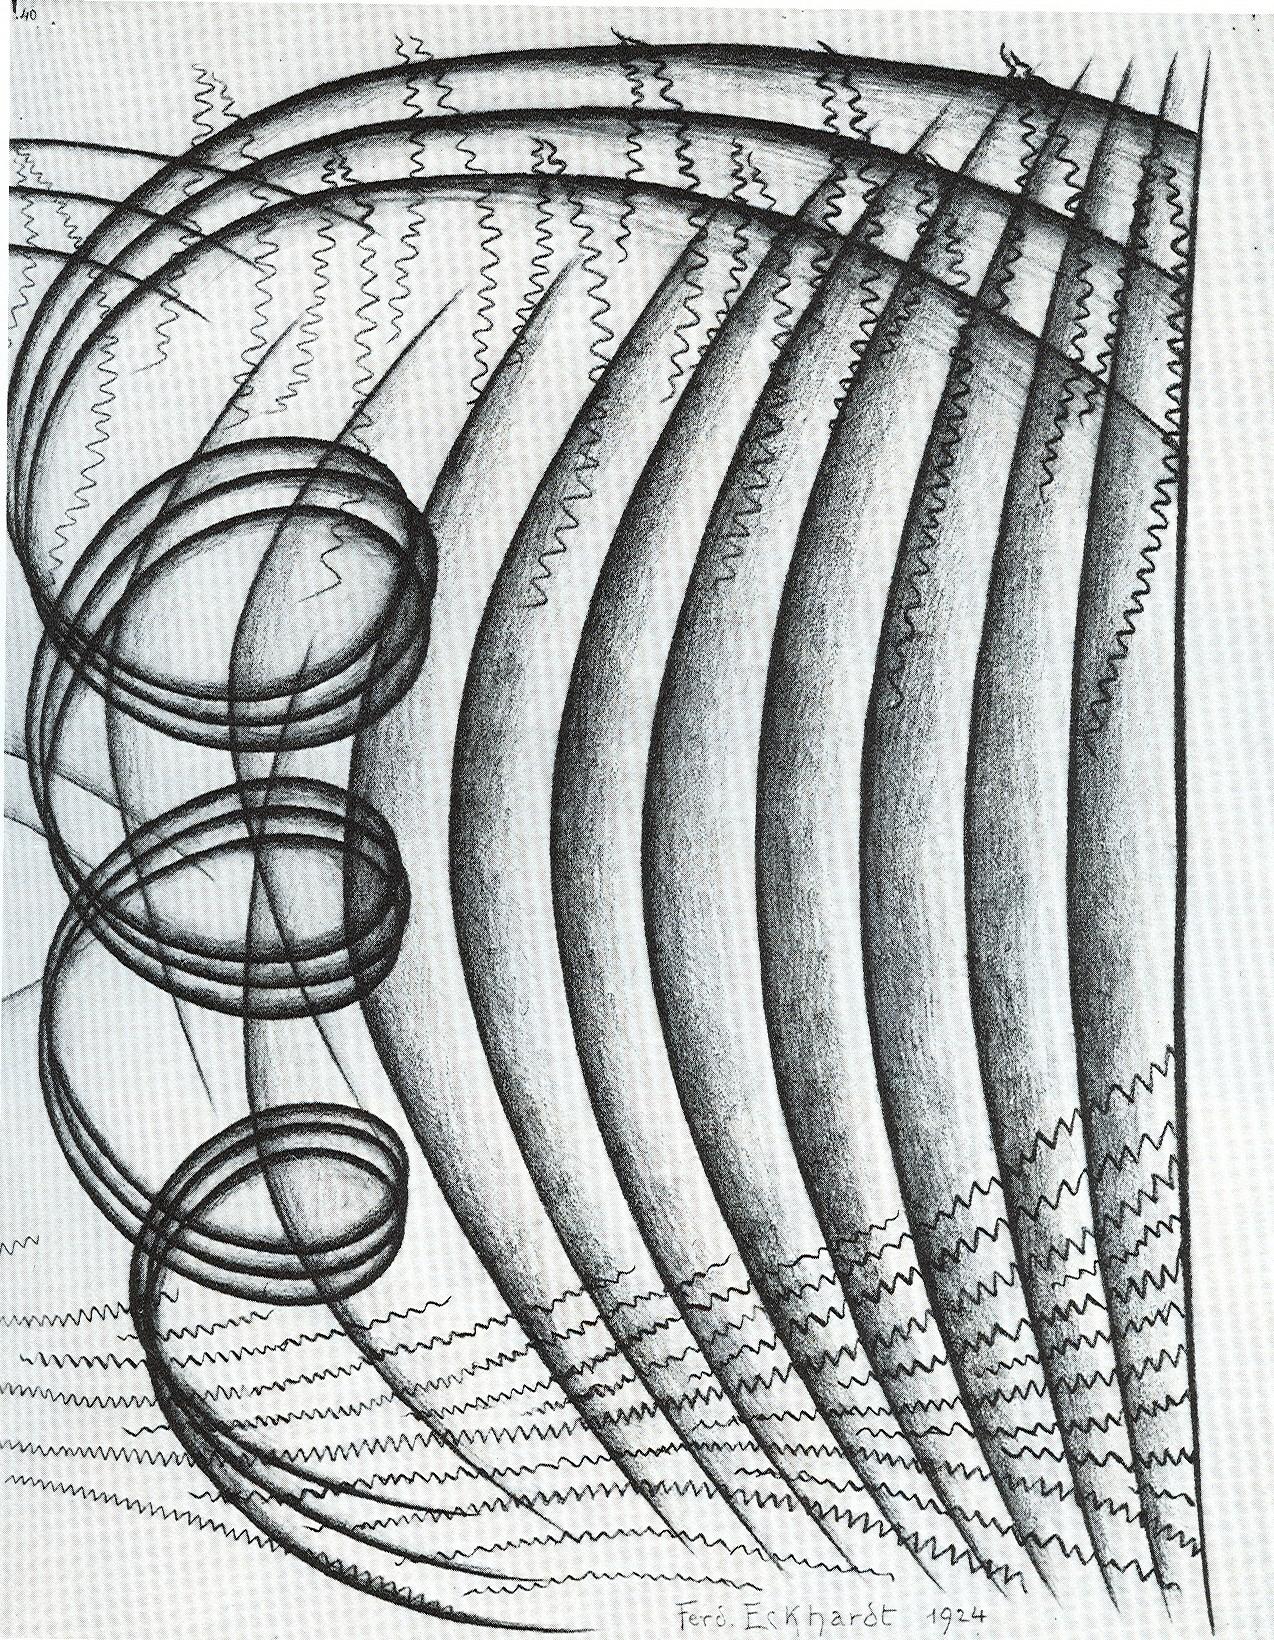 Bruckner Symphony No. 7 - First Movement - Example No. 4